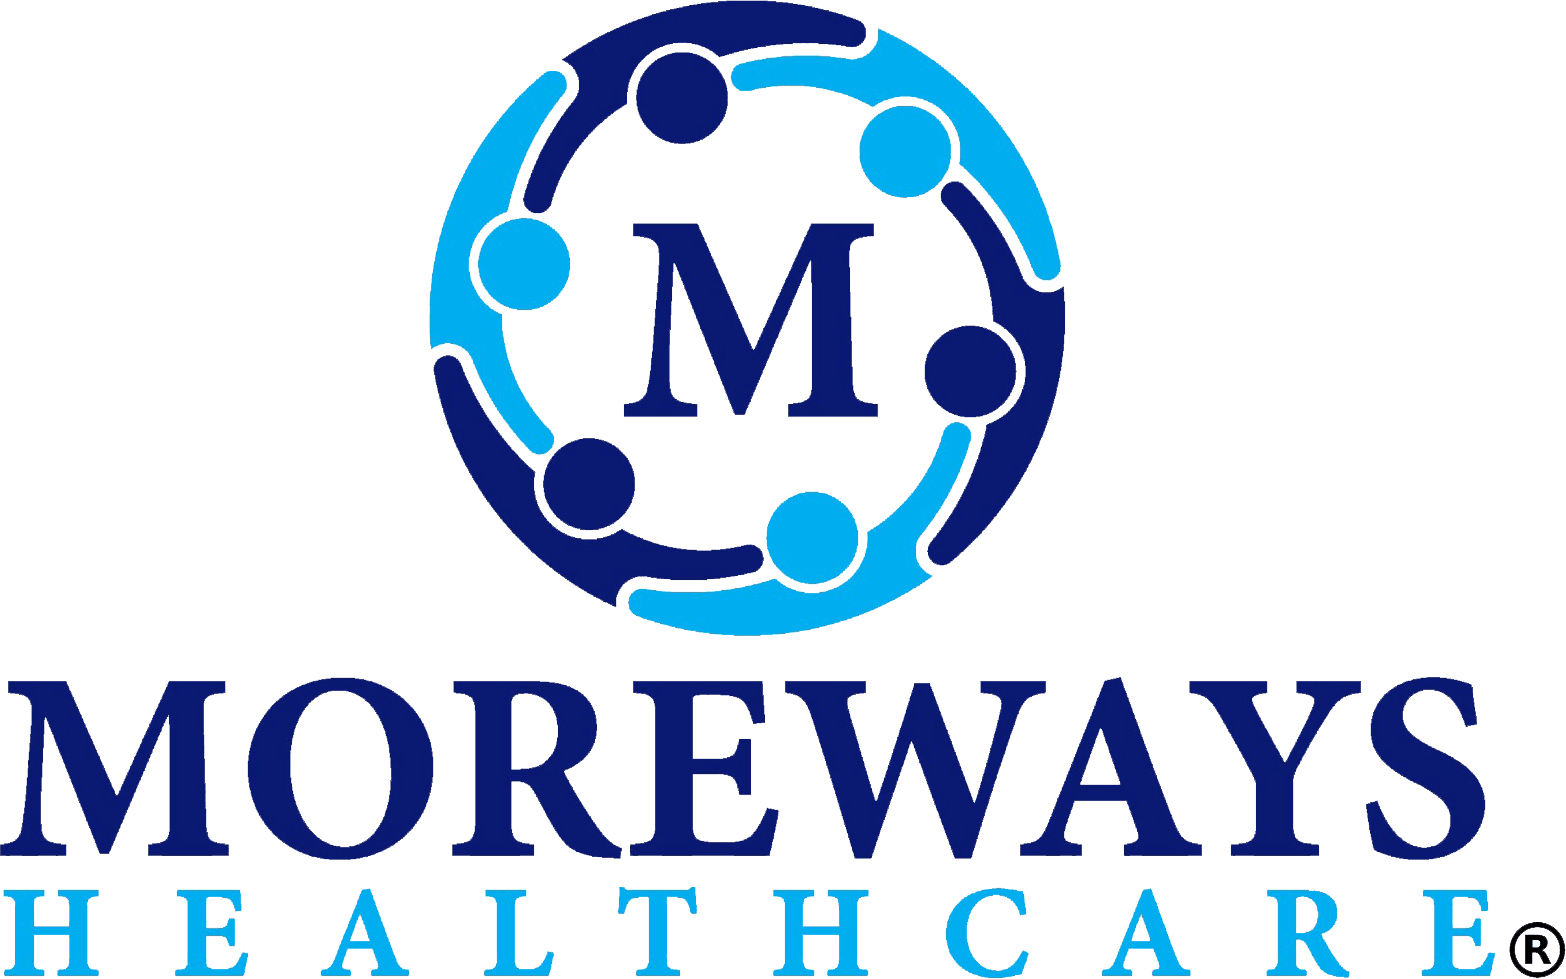 Moreways Healthcare